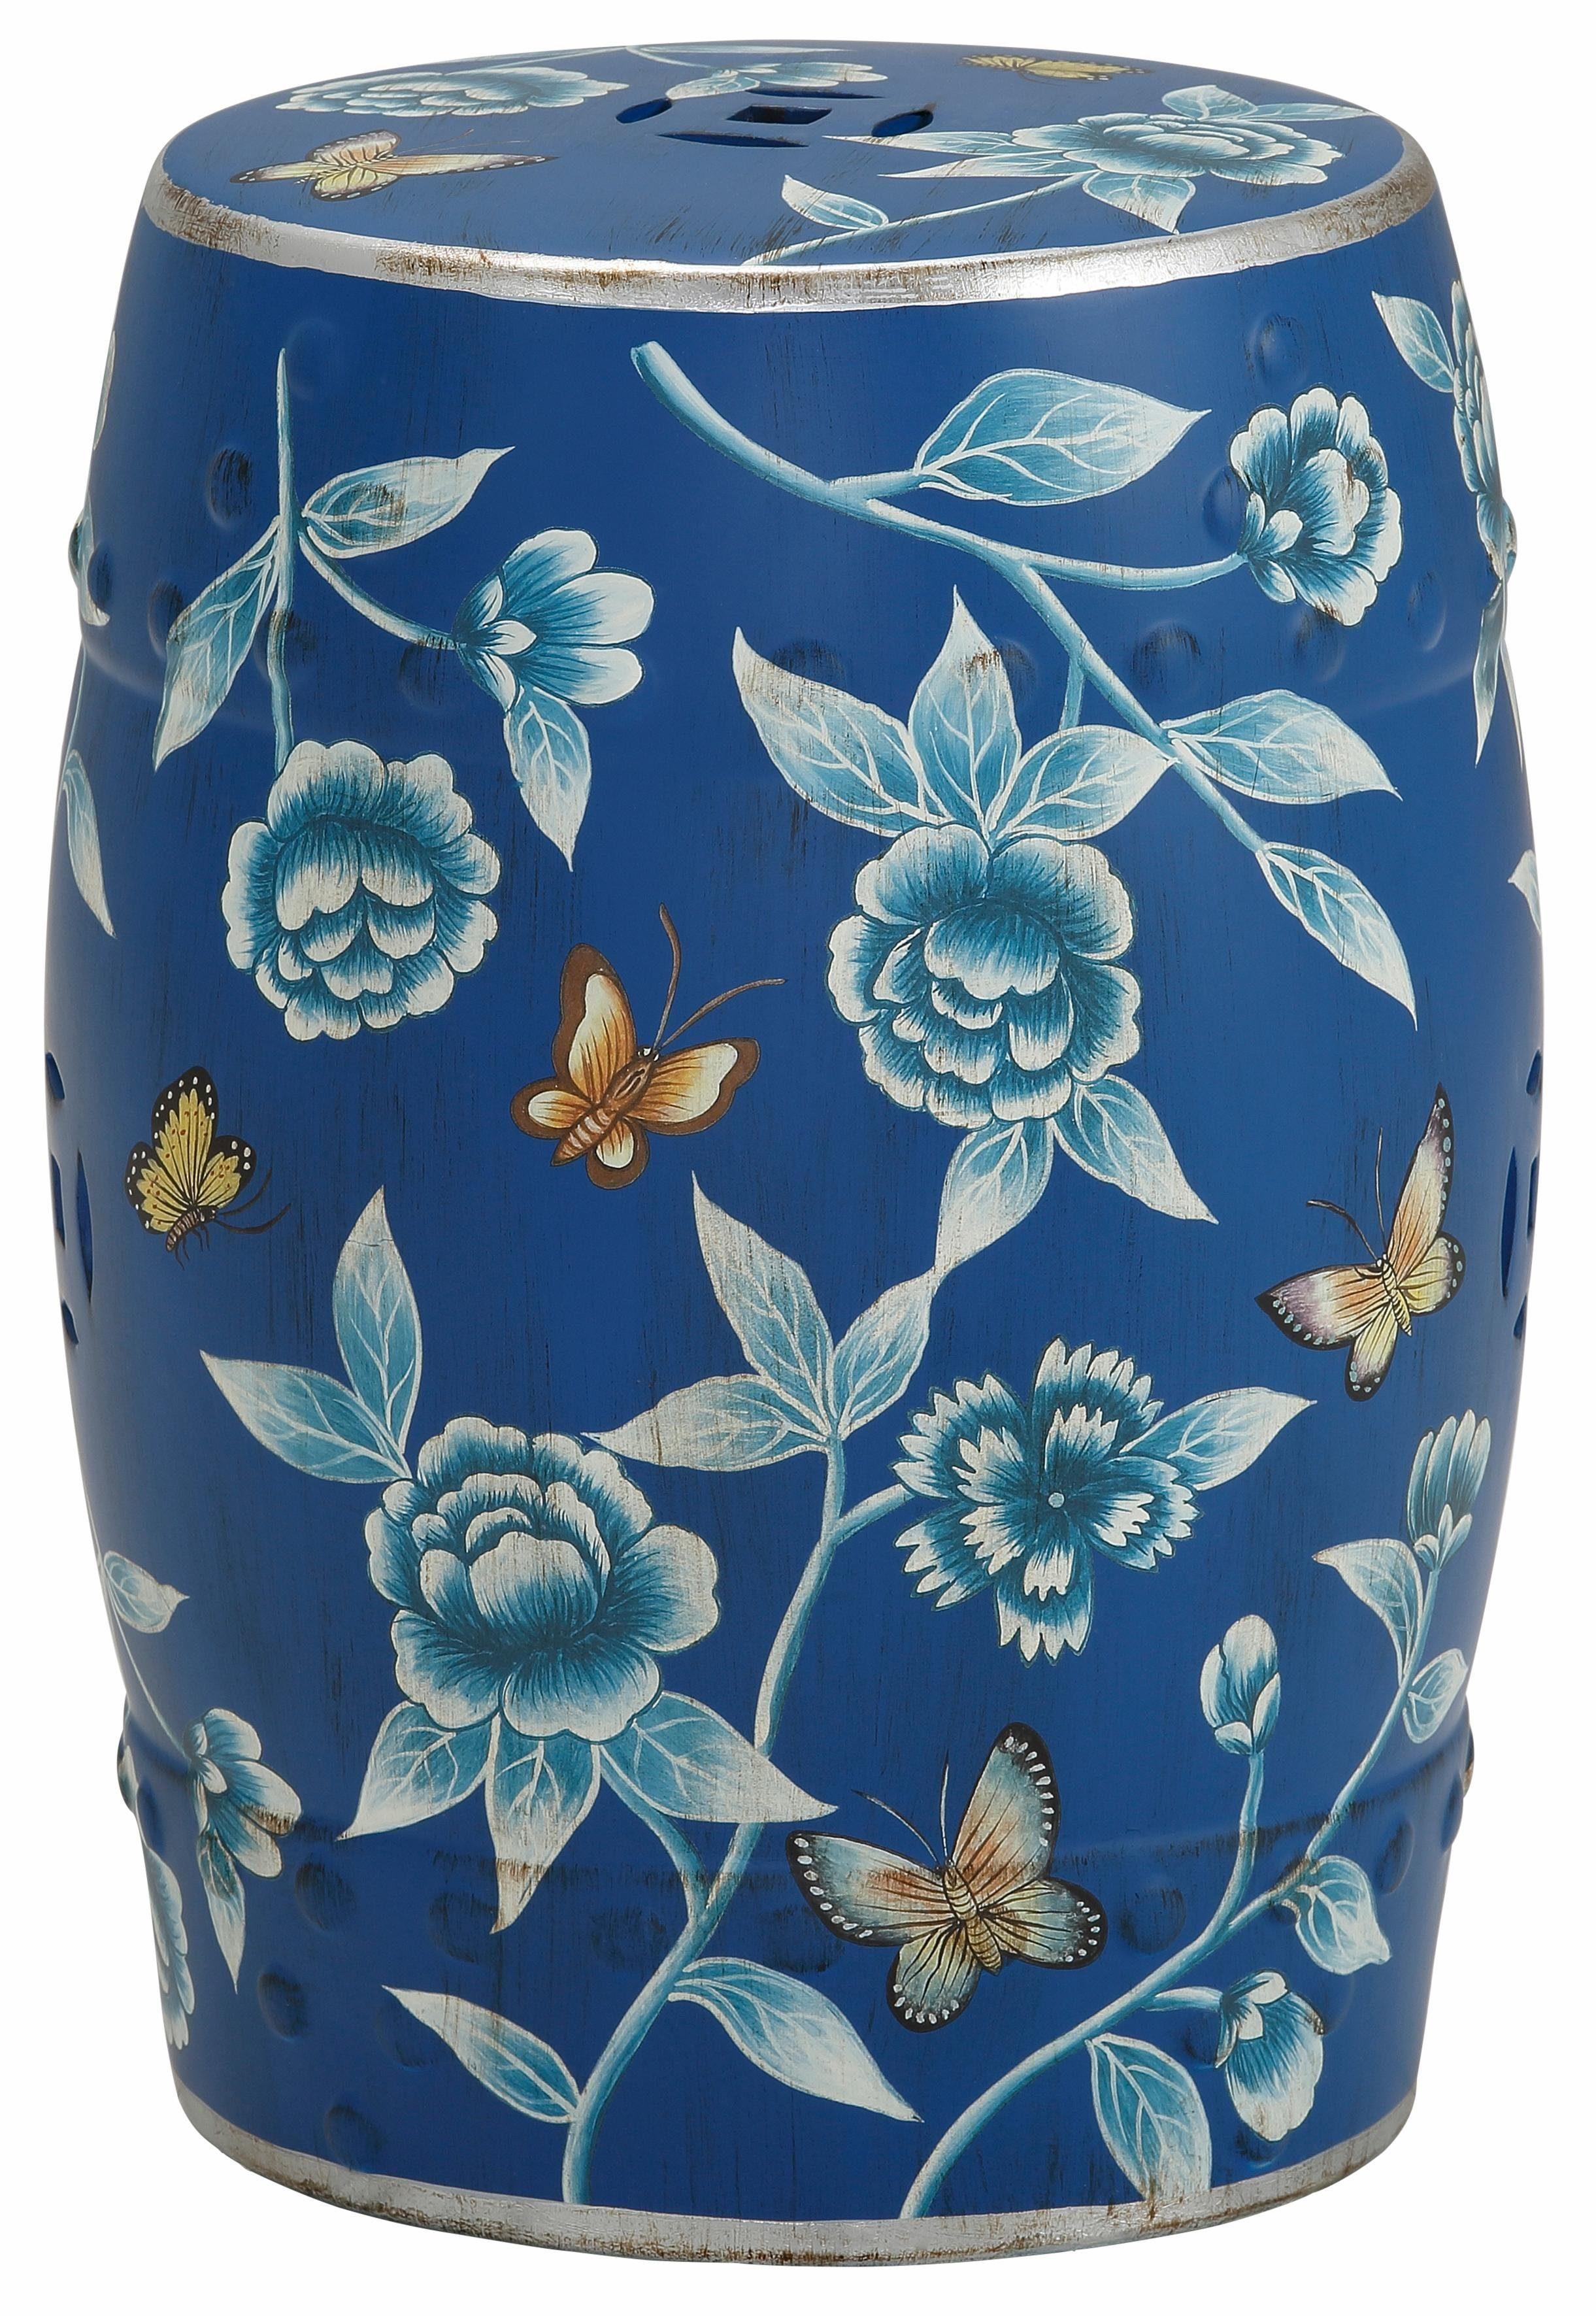 Home affaire Keramik-Beistelltisch mit Bemalung